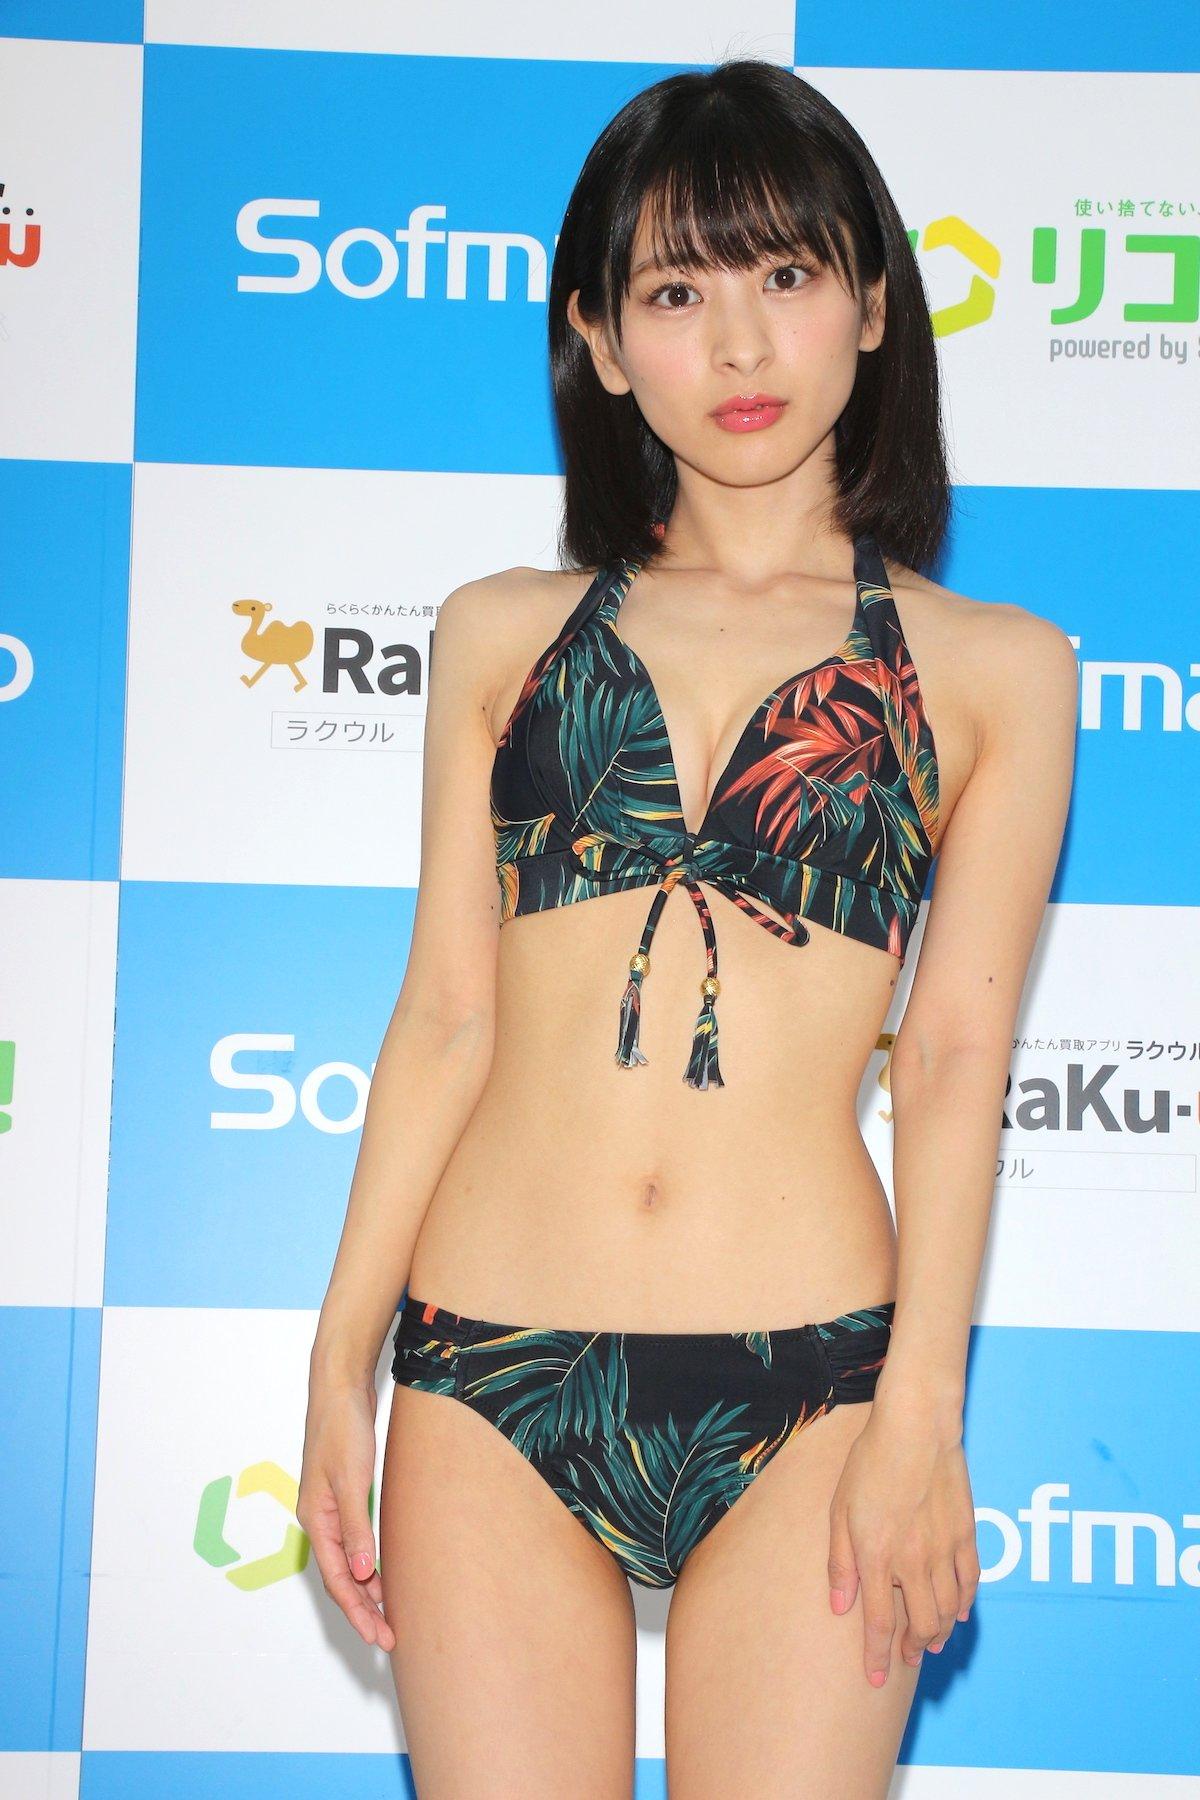 牧野澪菜「144cmのセクシーボディ」スクール水着でやらかしちゃった【画像61枚】の画像004